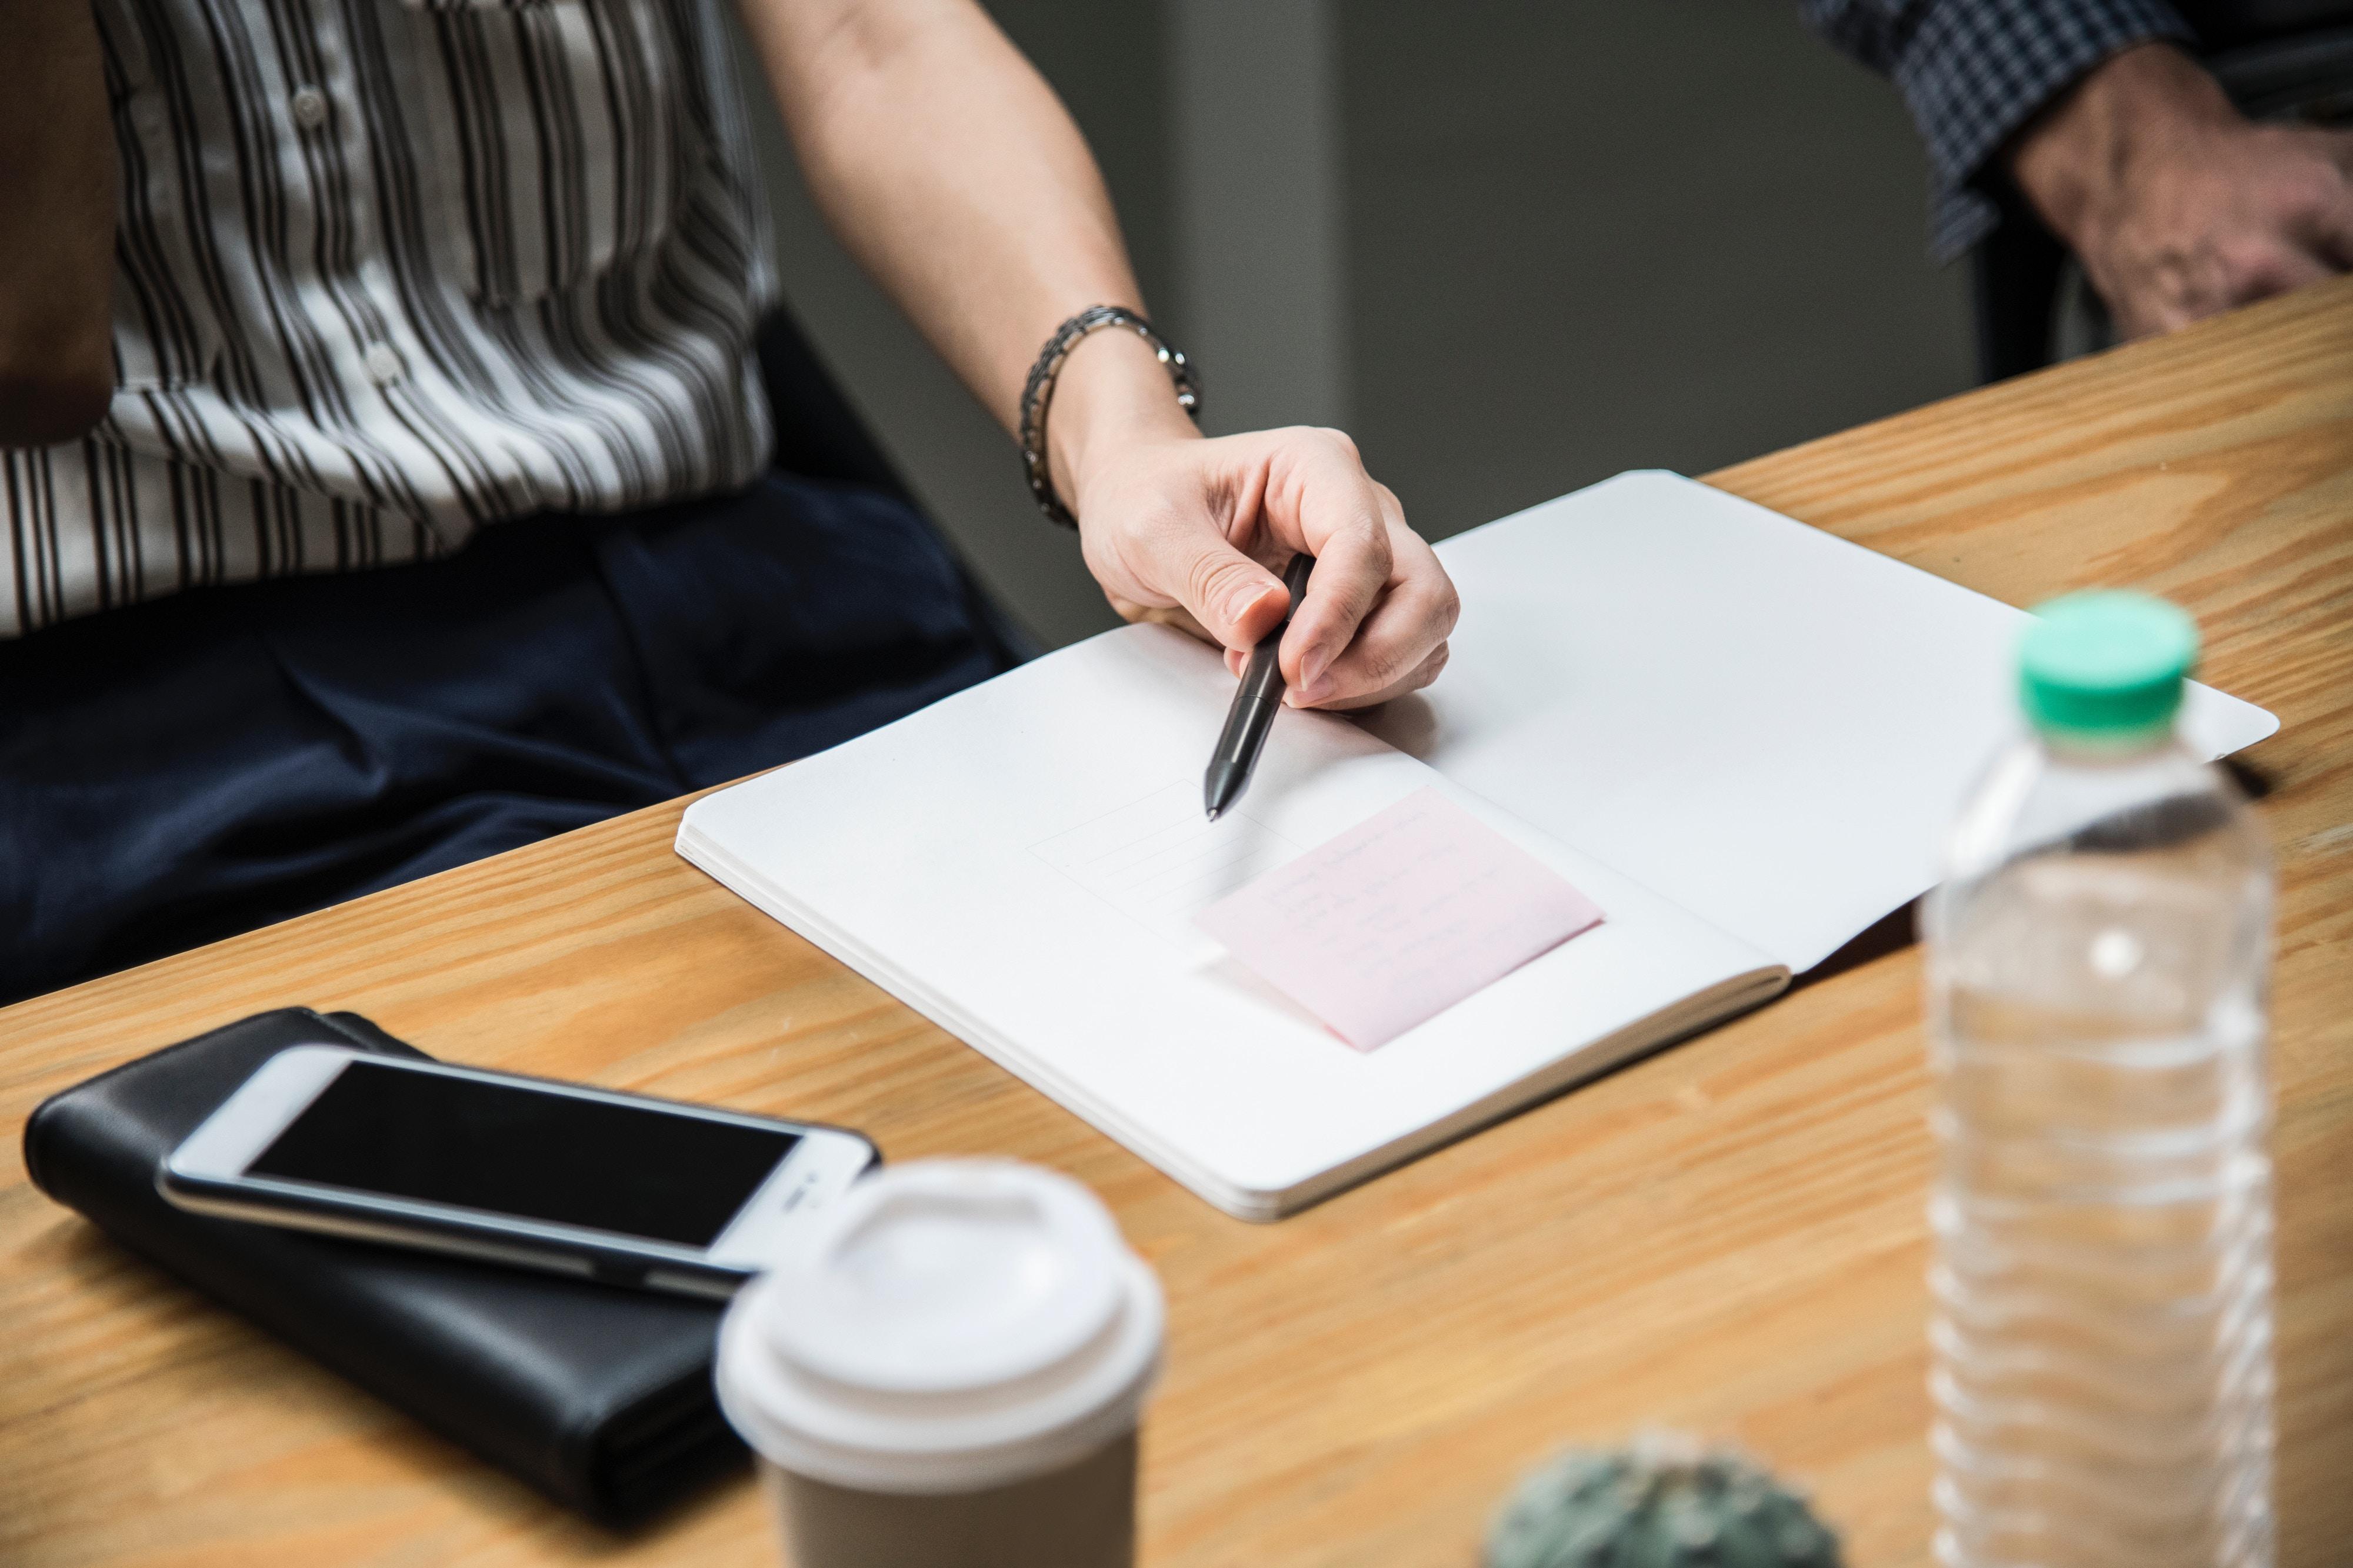 Ernärhung: Frau sitzt am Konferenztisch mit Wasser, Kaffee und Telefon neben sich